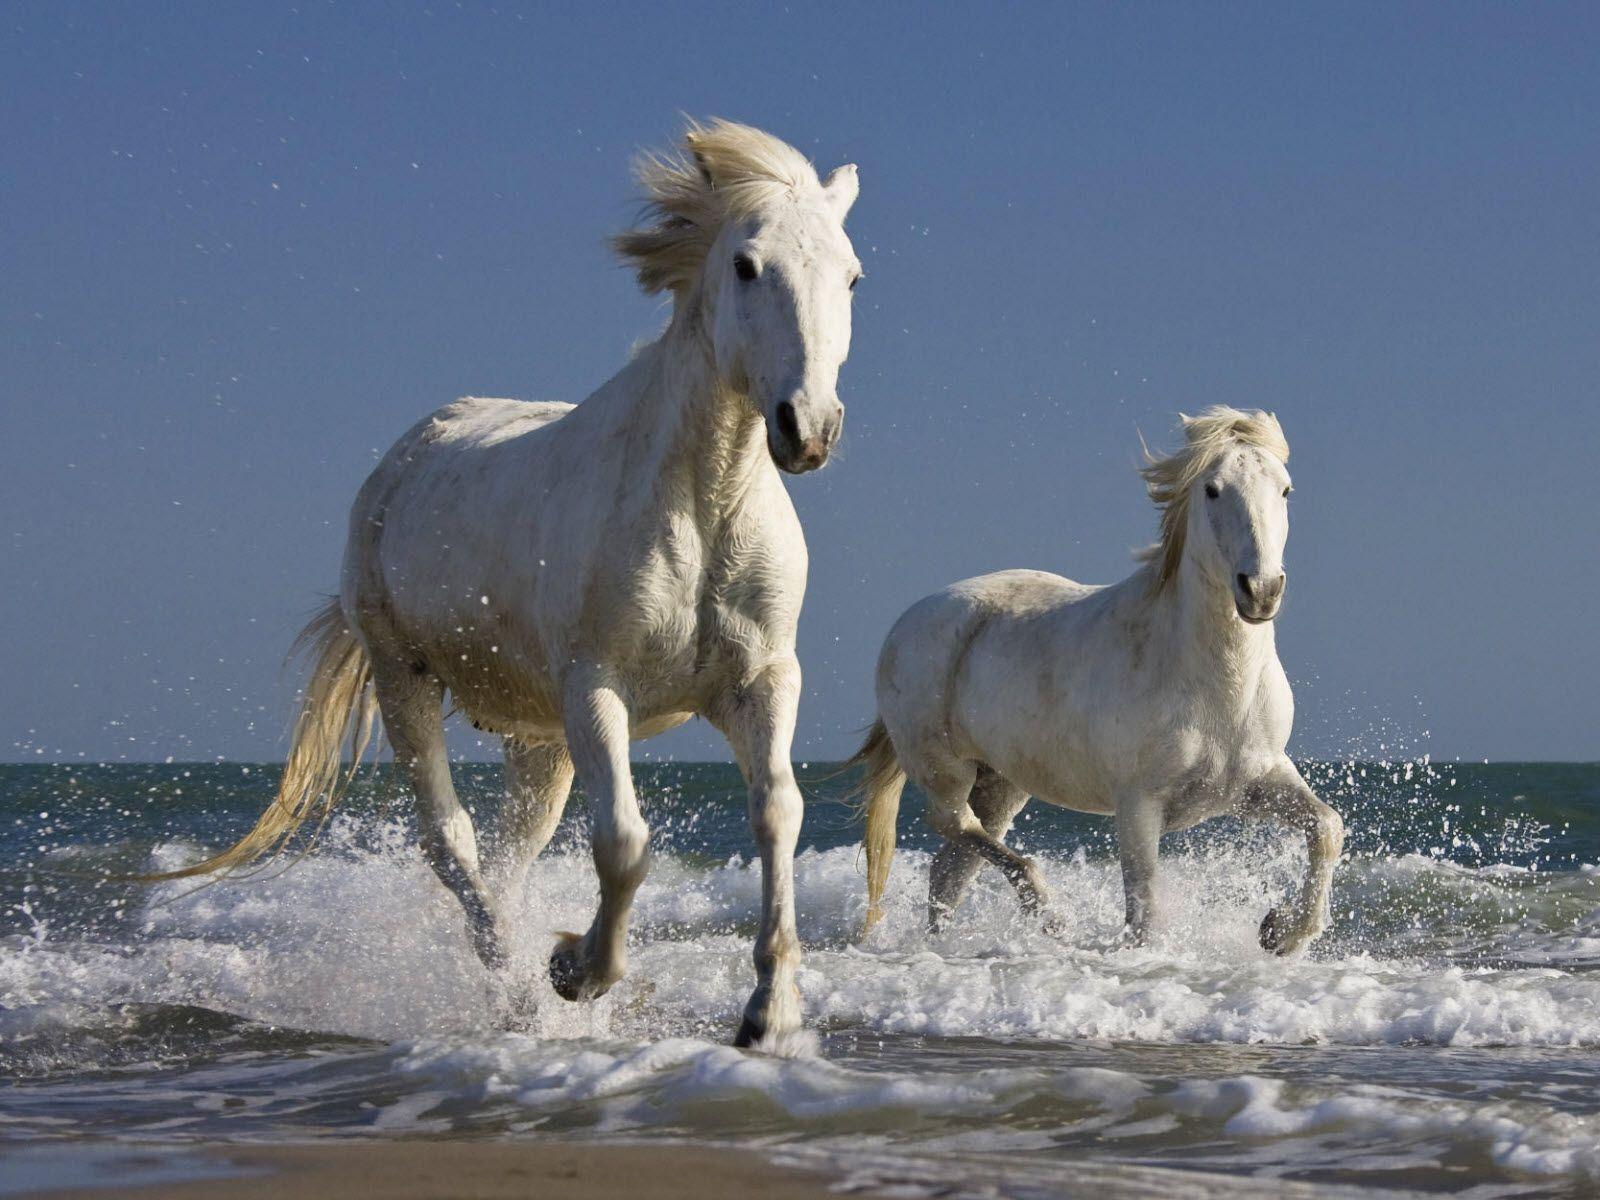 Simple Wallpaper Horse Beach - c9e002ac88e659633ebf2ecb8466ccdd  Image_64145.jpg